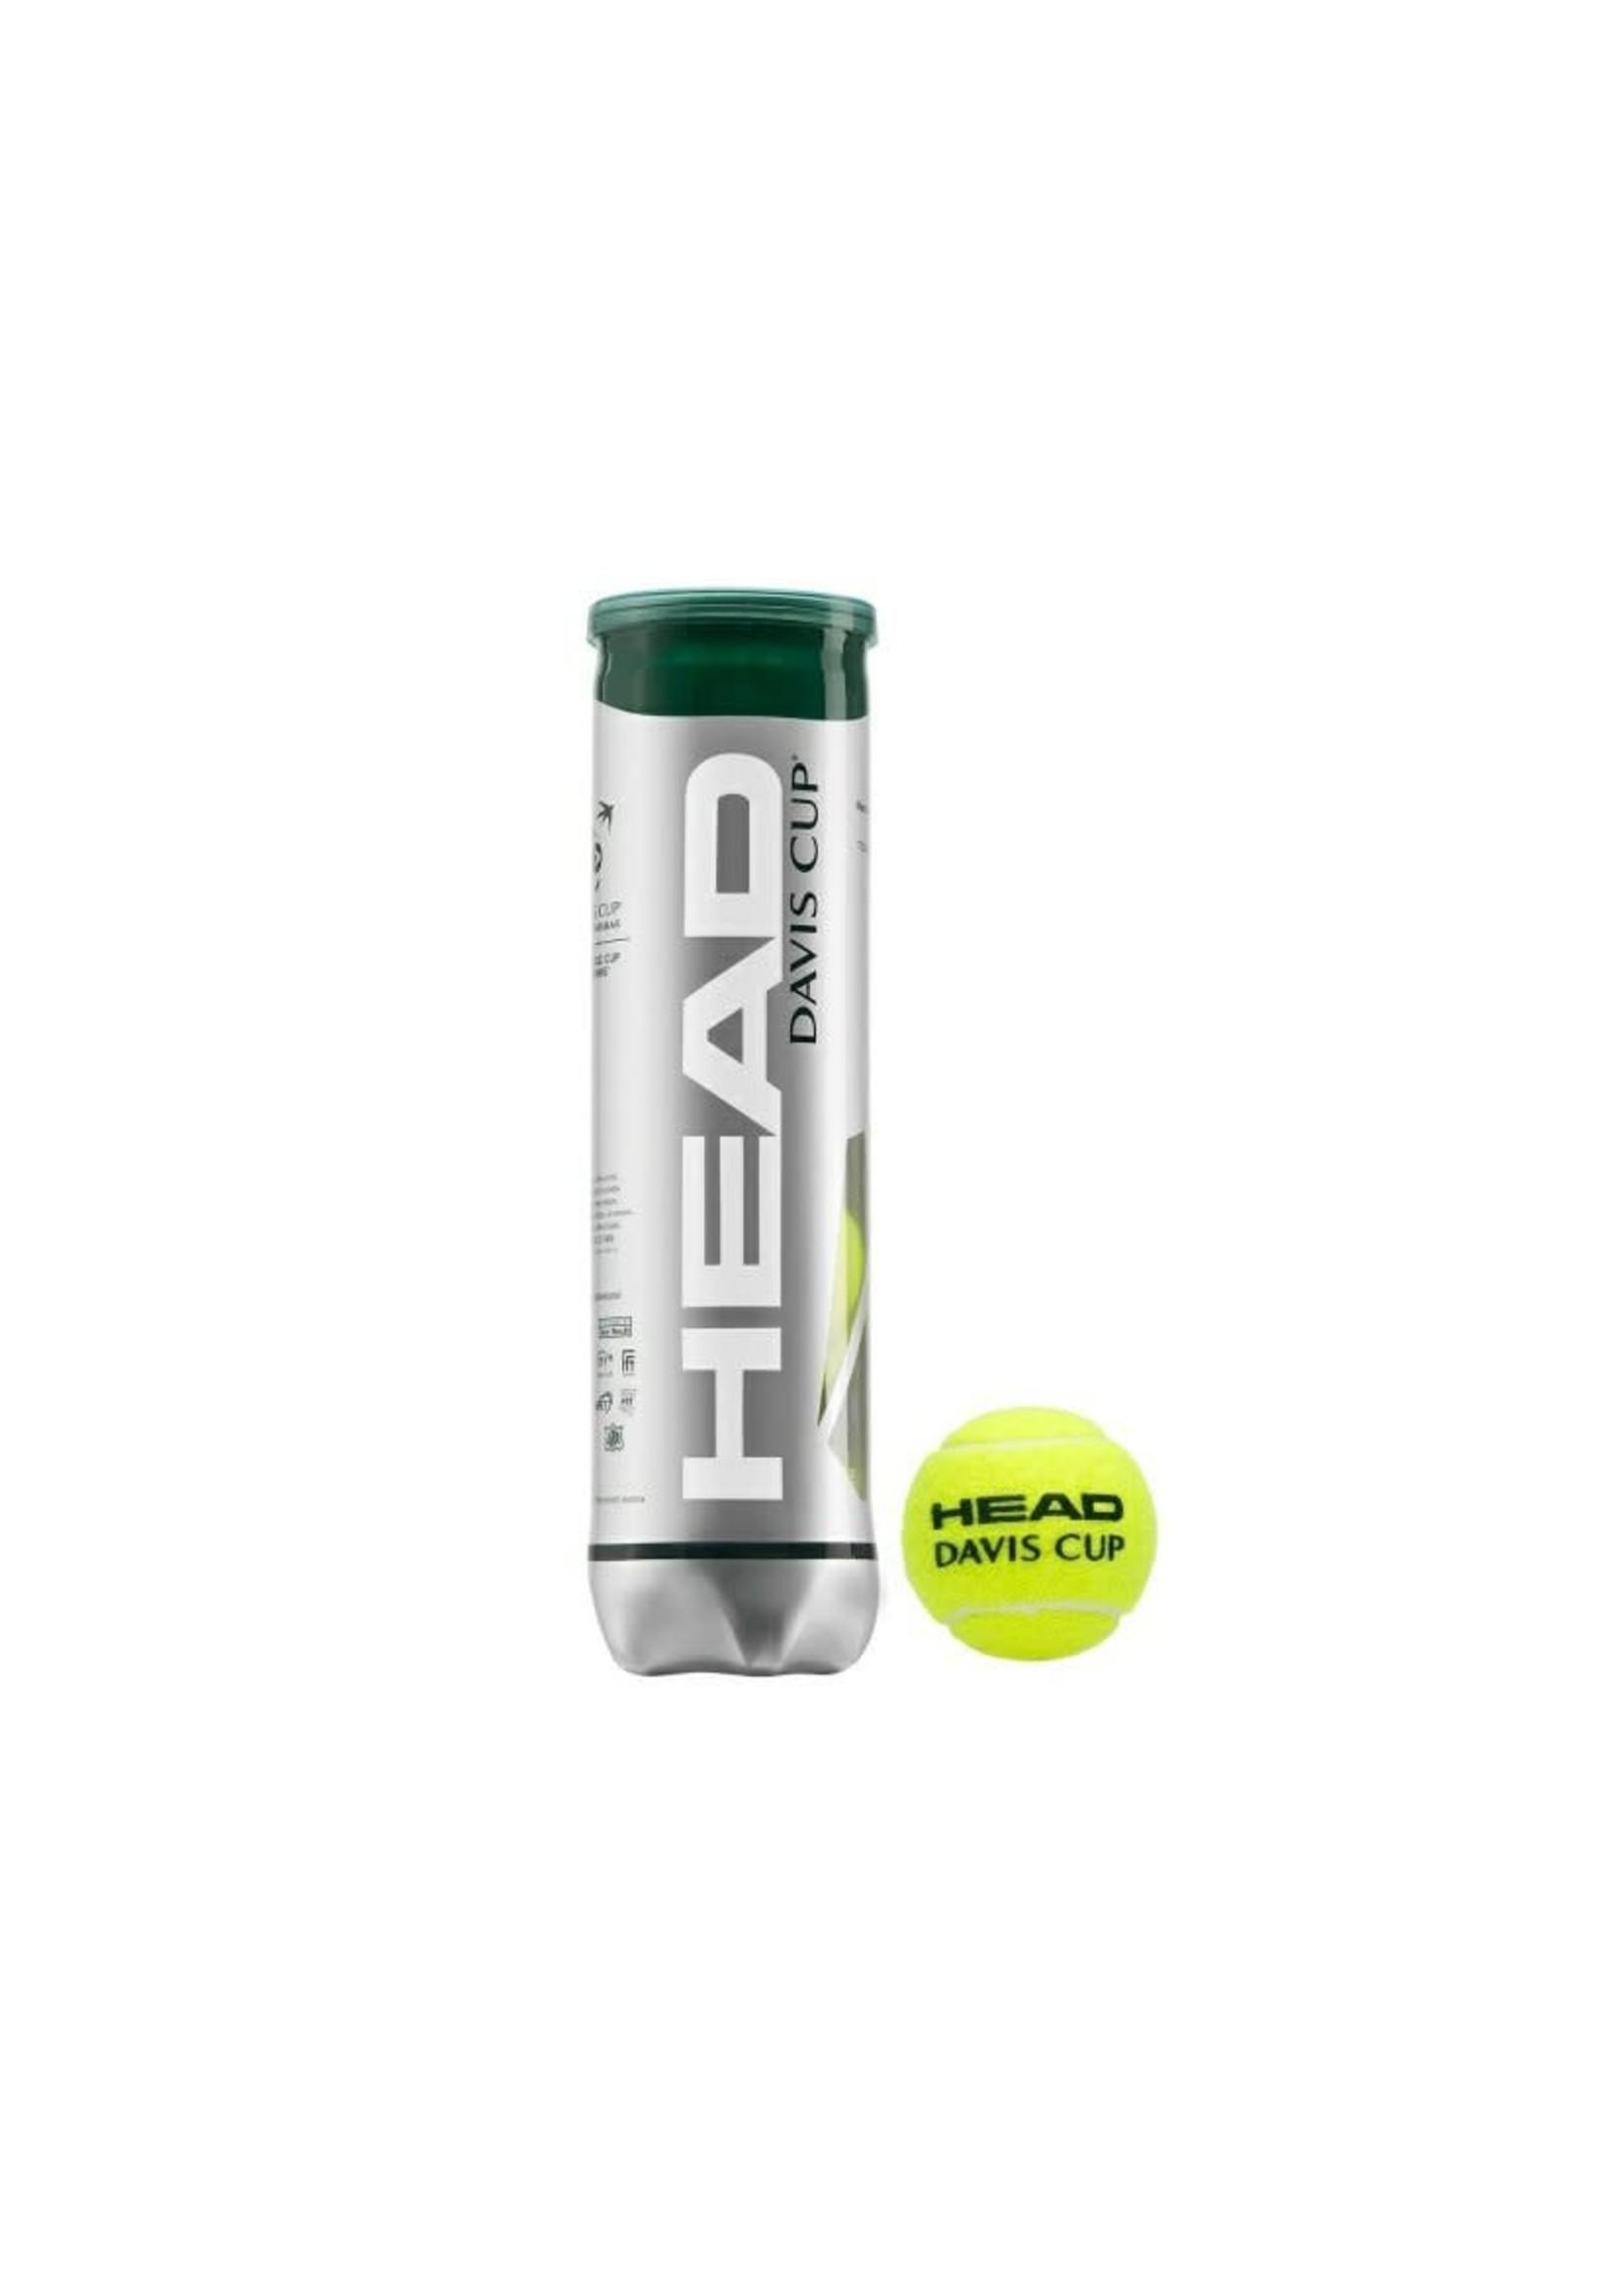 Head Head Davis Cup Tennis Balls